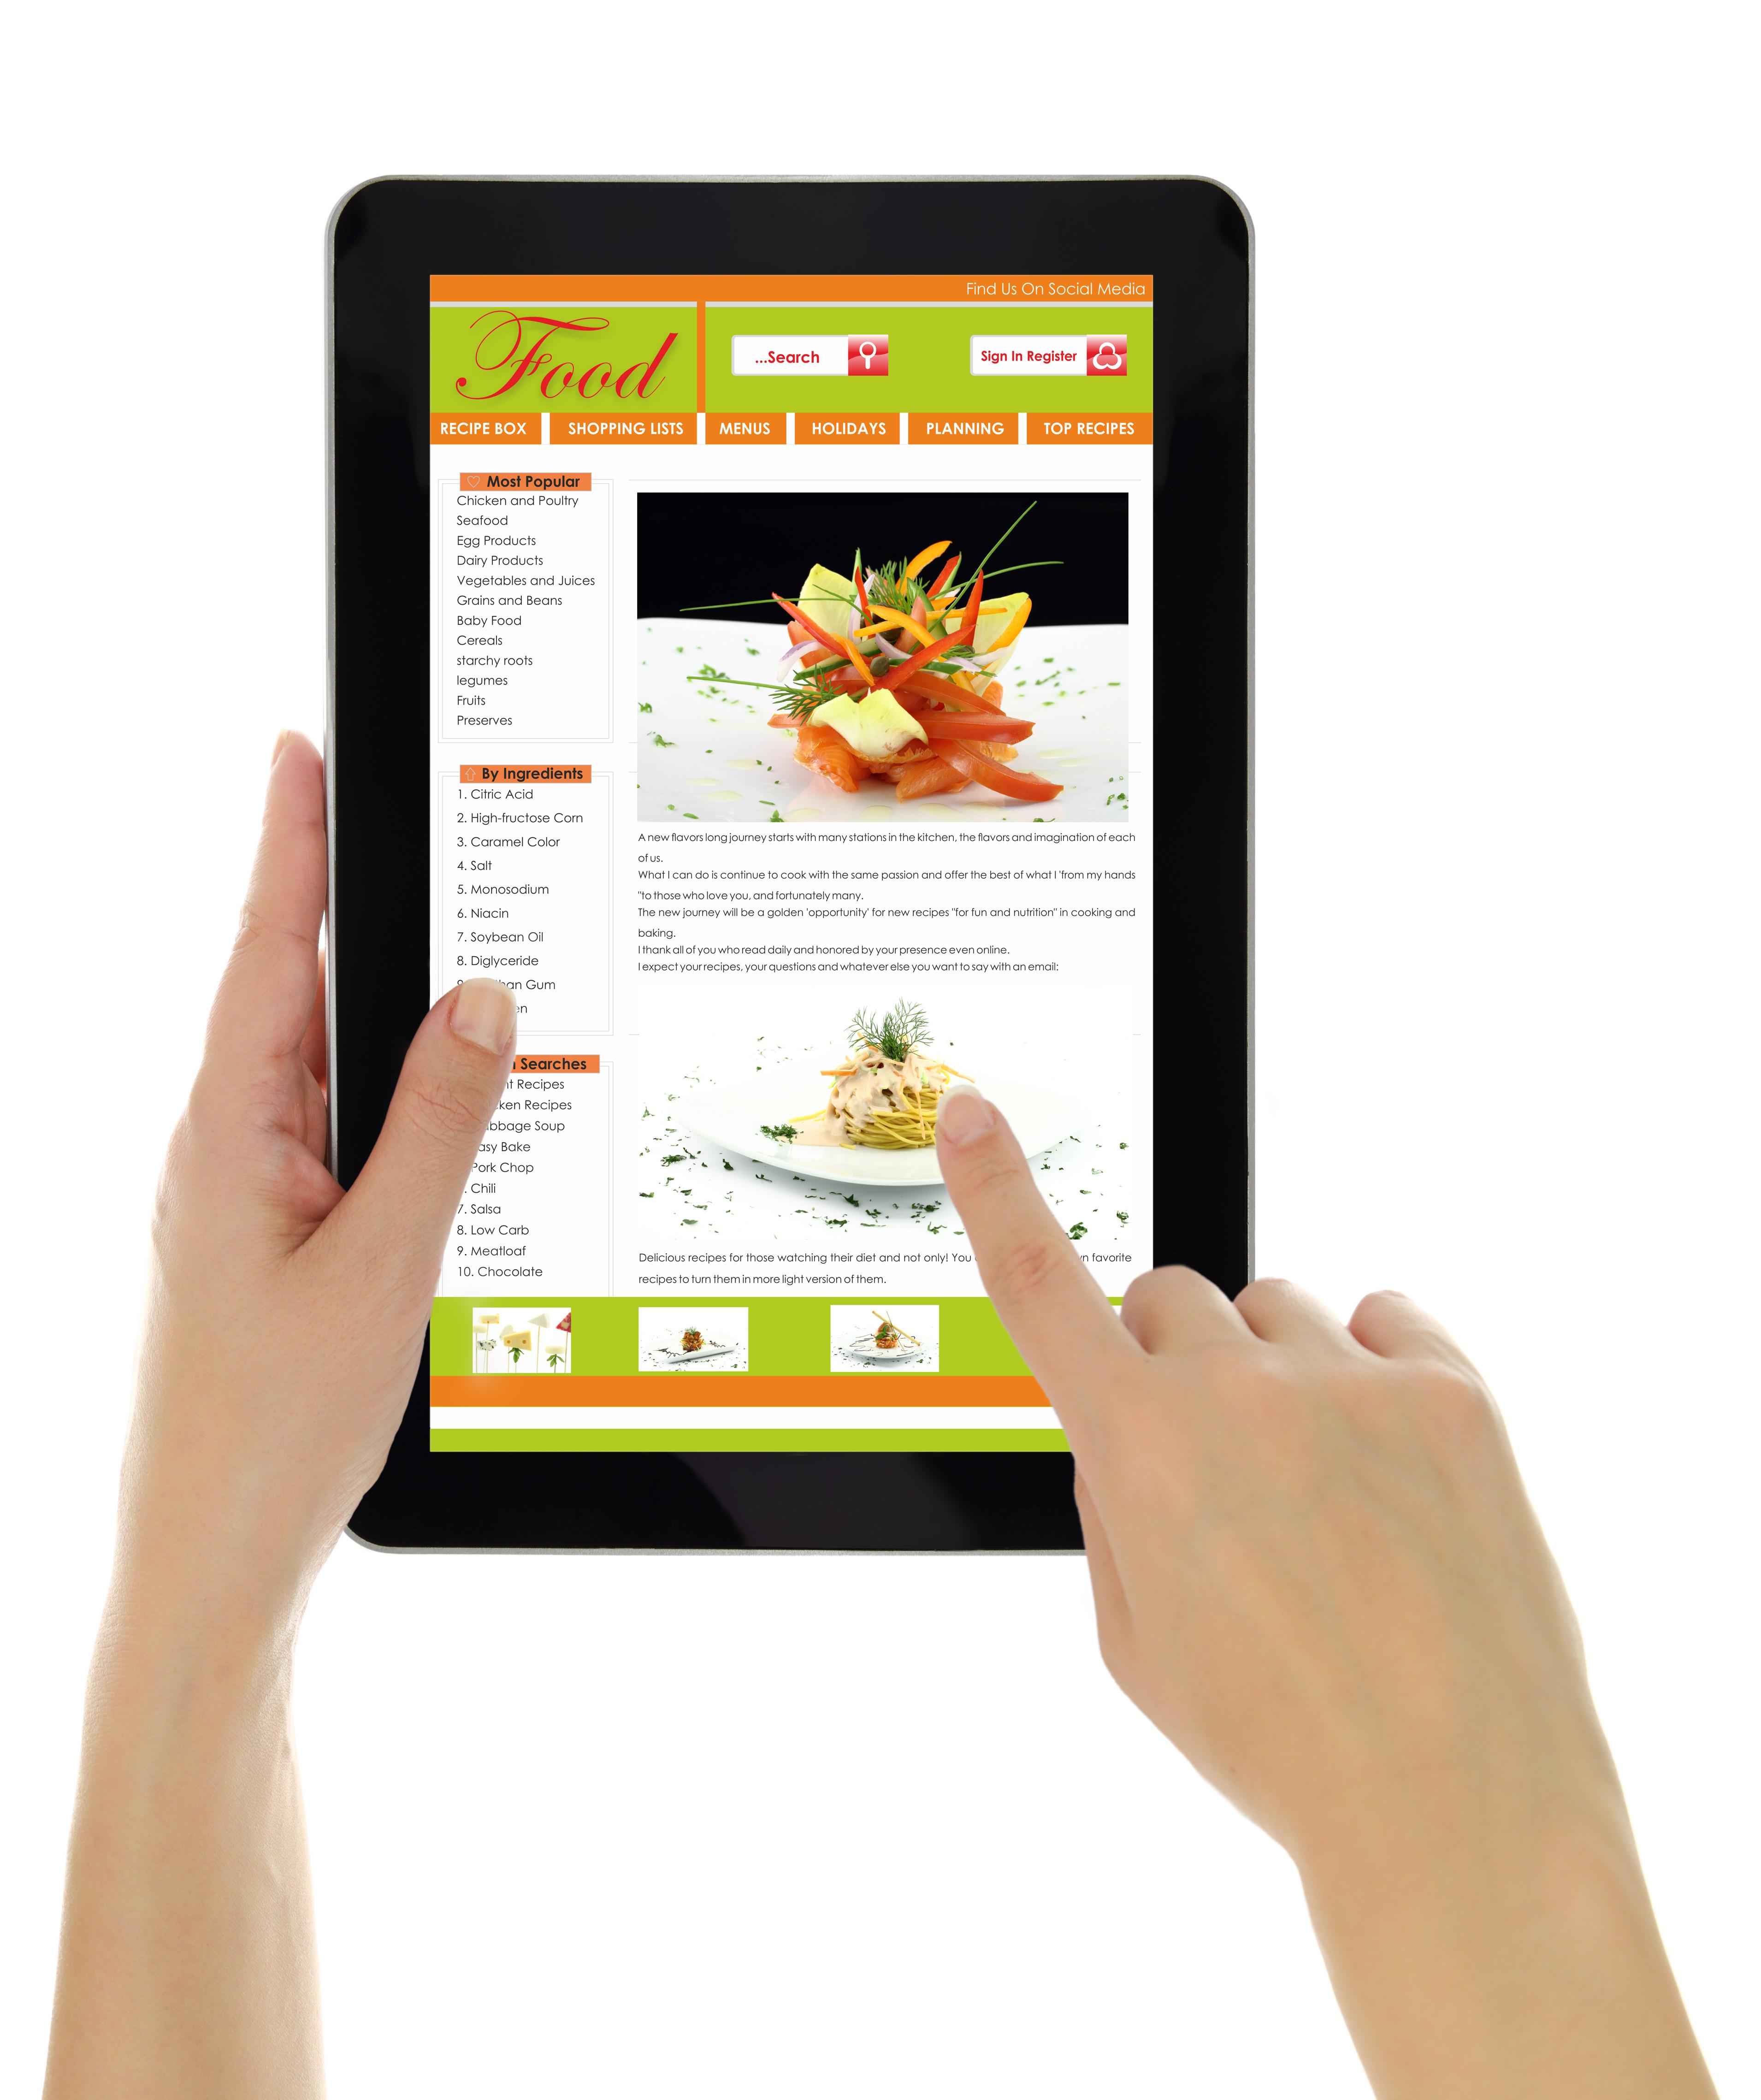 Sites comparadores de preços podem ser uma boa opção de marketing